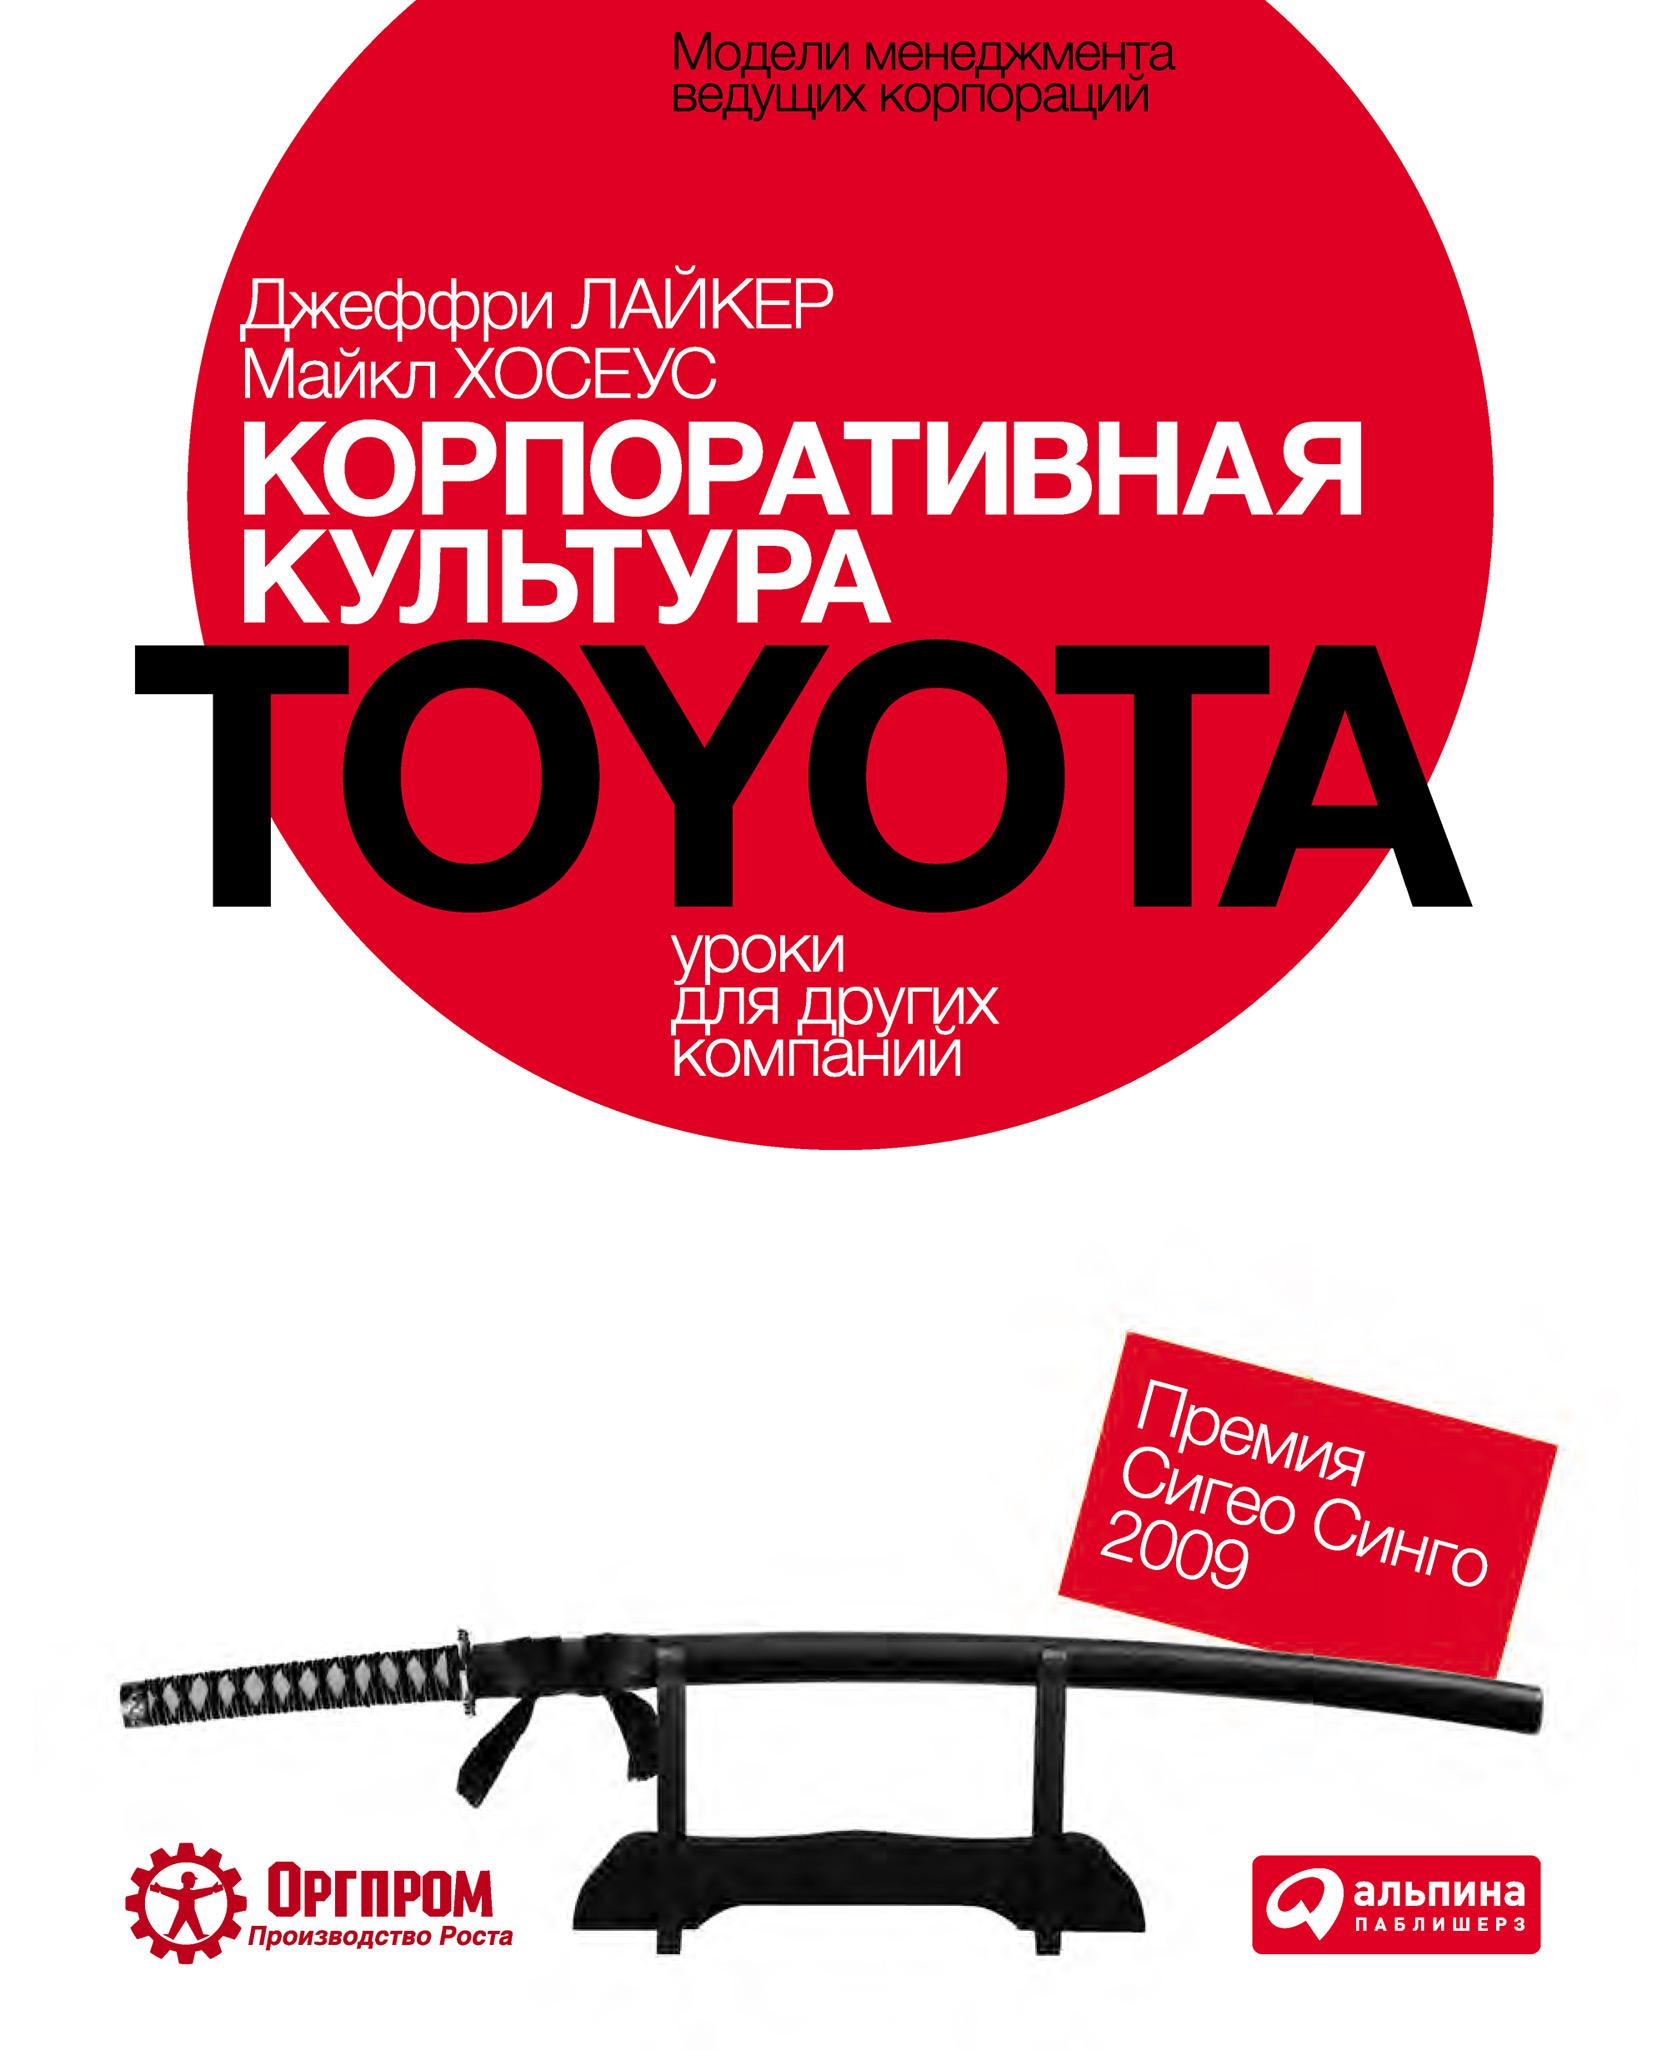 Майкл Хосеус, Джеффри Лайкер «Корпоративная культура Toyota: Уроки для других компаний»